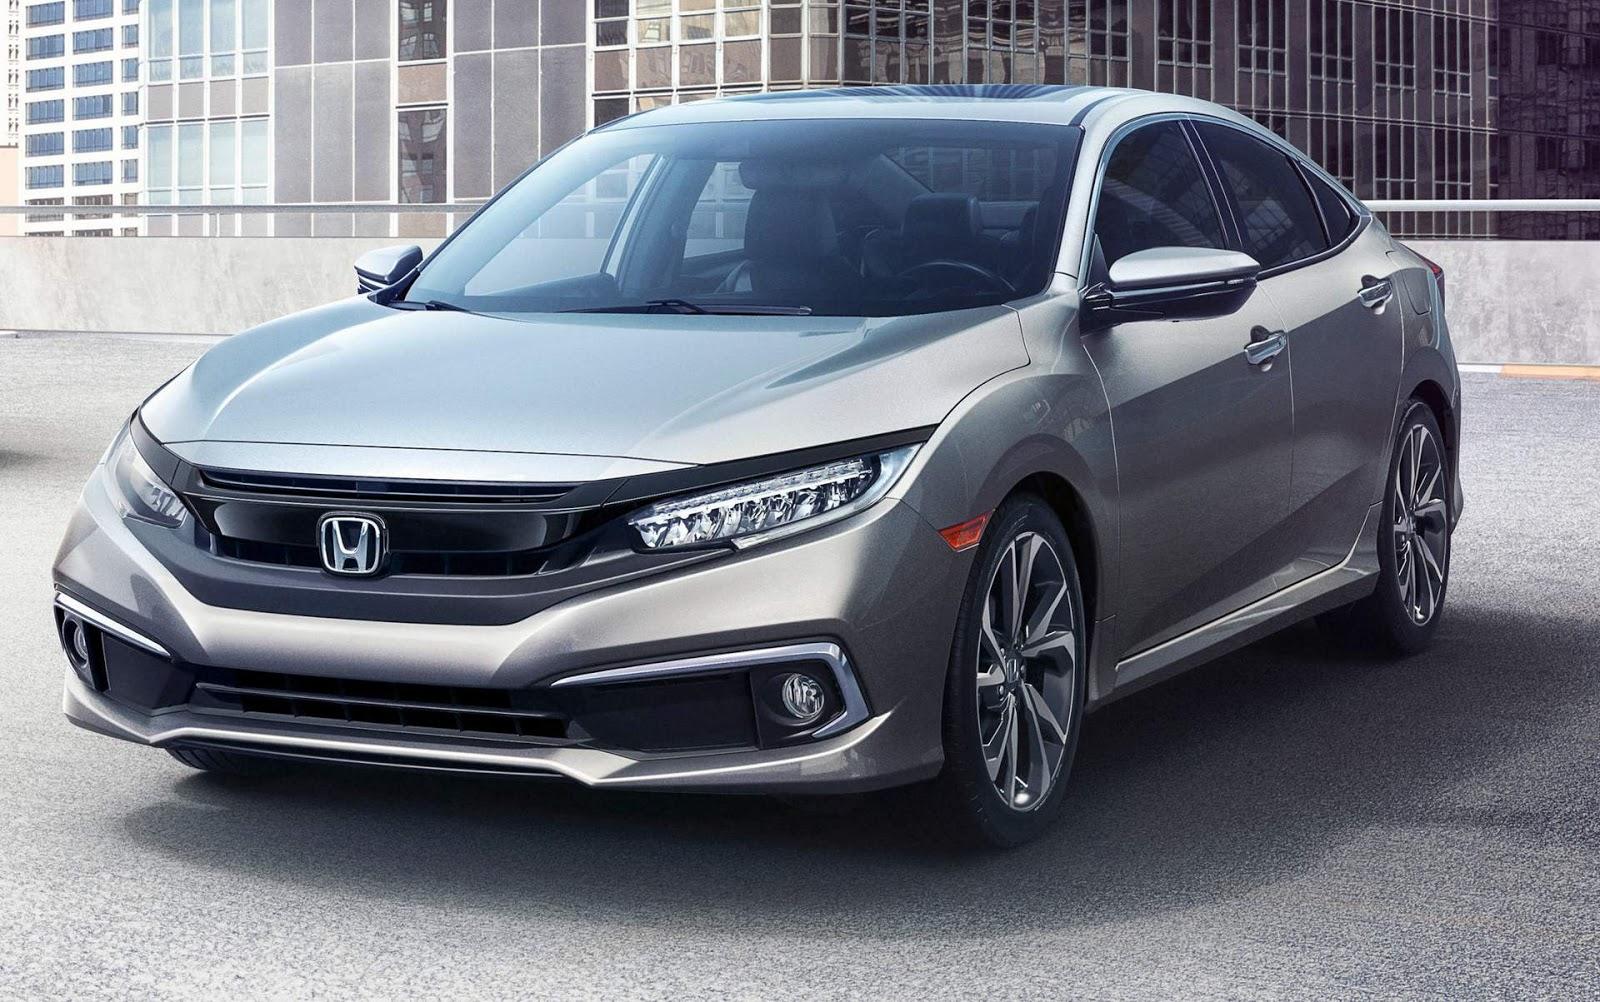 Honda civic 2019 chega com facelift aos eua fotos car for 2019 honda civic